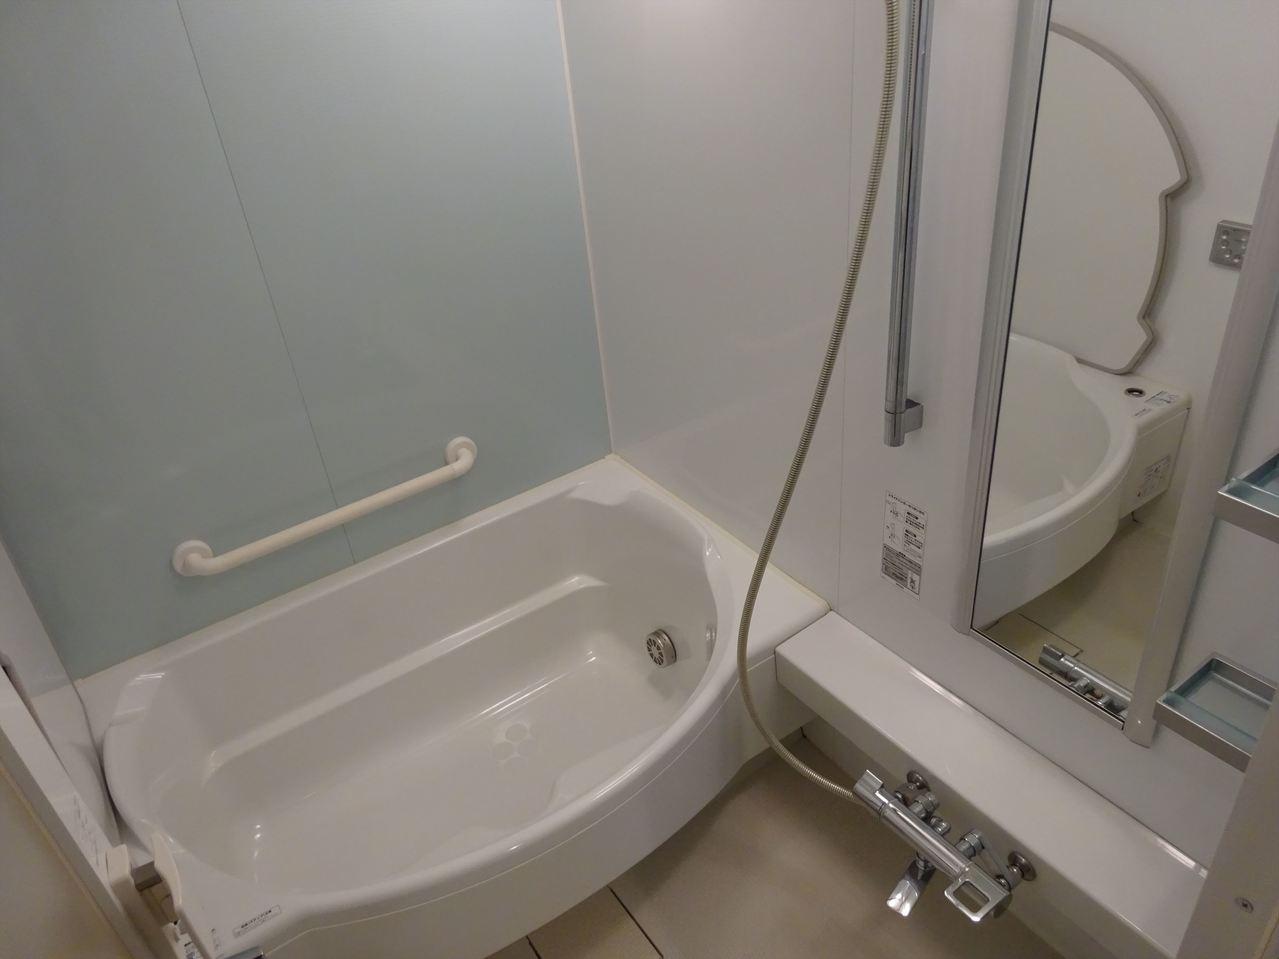 清潔感のあるお風呂。 綺麗なお風呂で毎日の疲れをほっと癒してくださいね♪